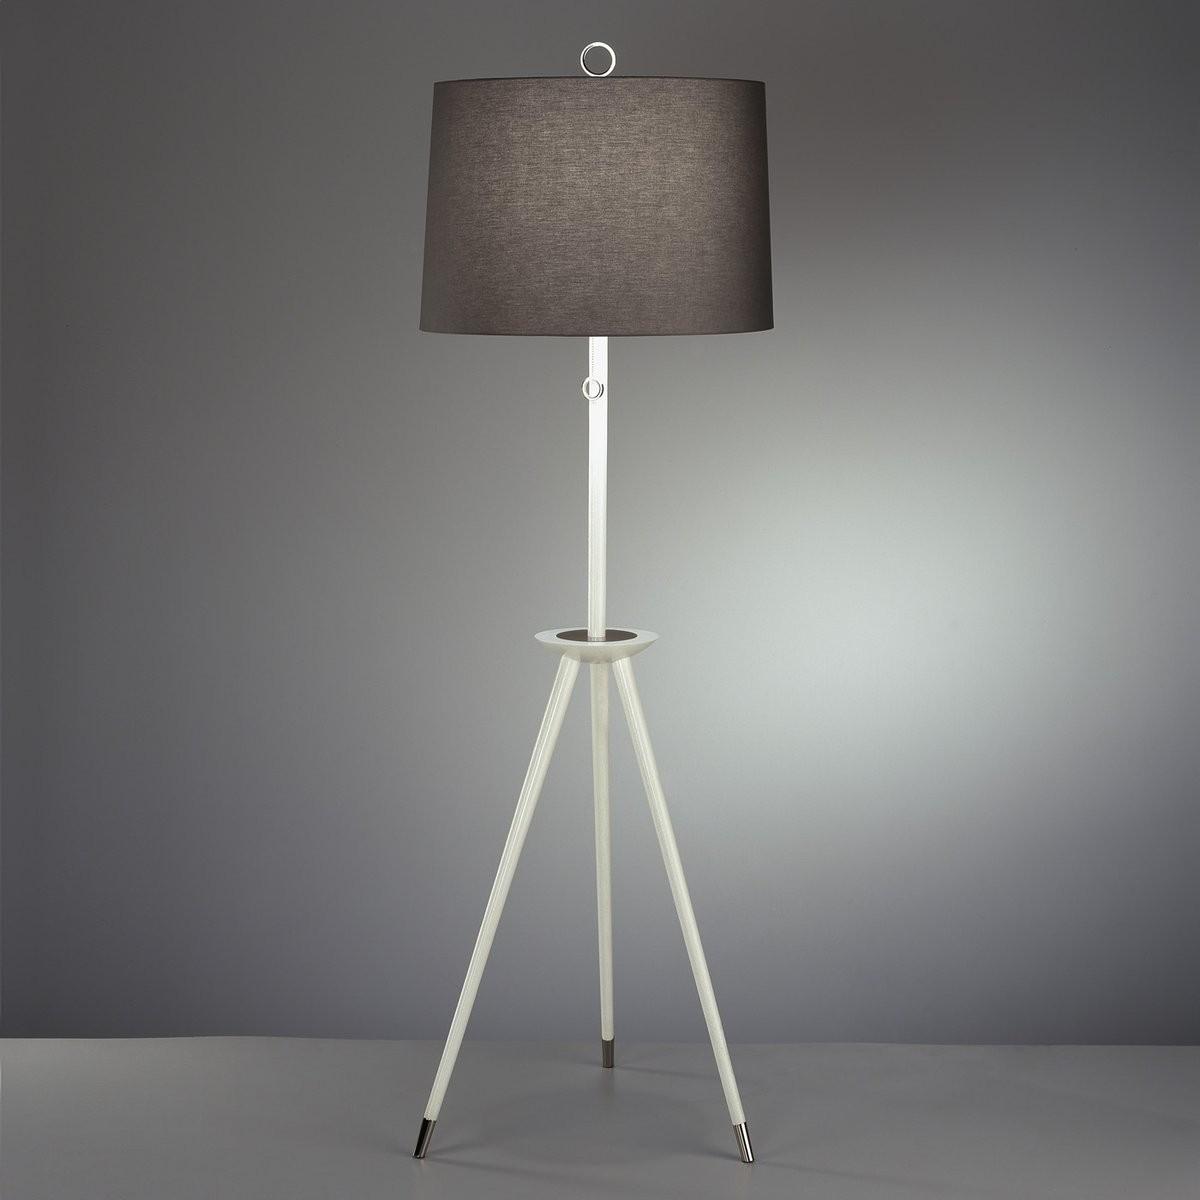 Jonathan Adler I Ventana Tripod Floor Lamp